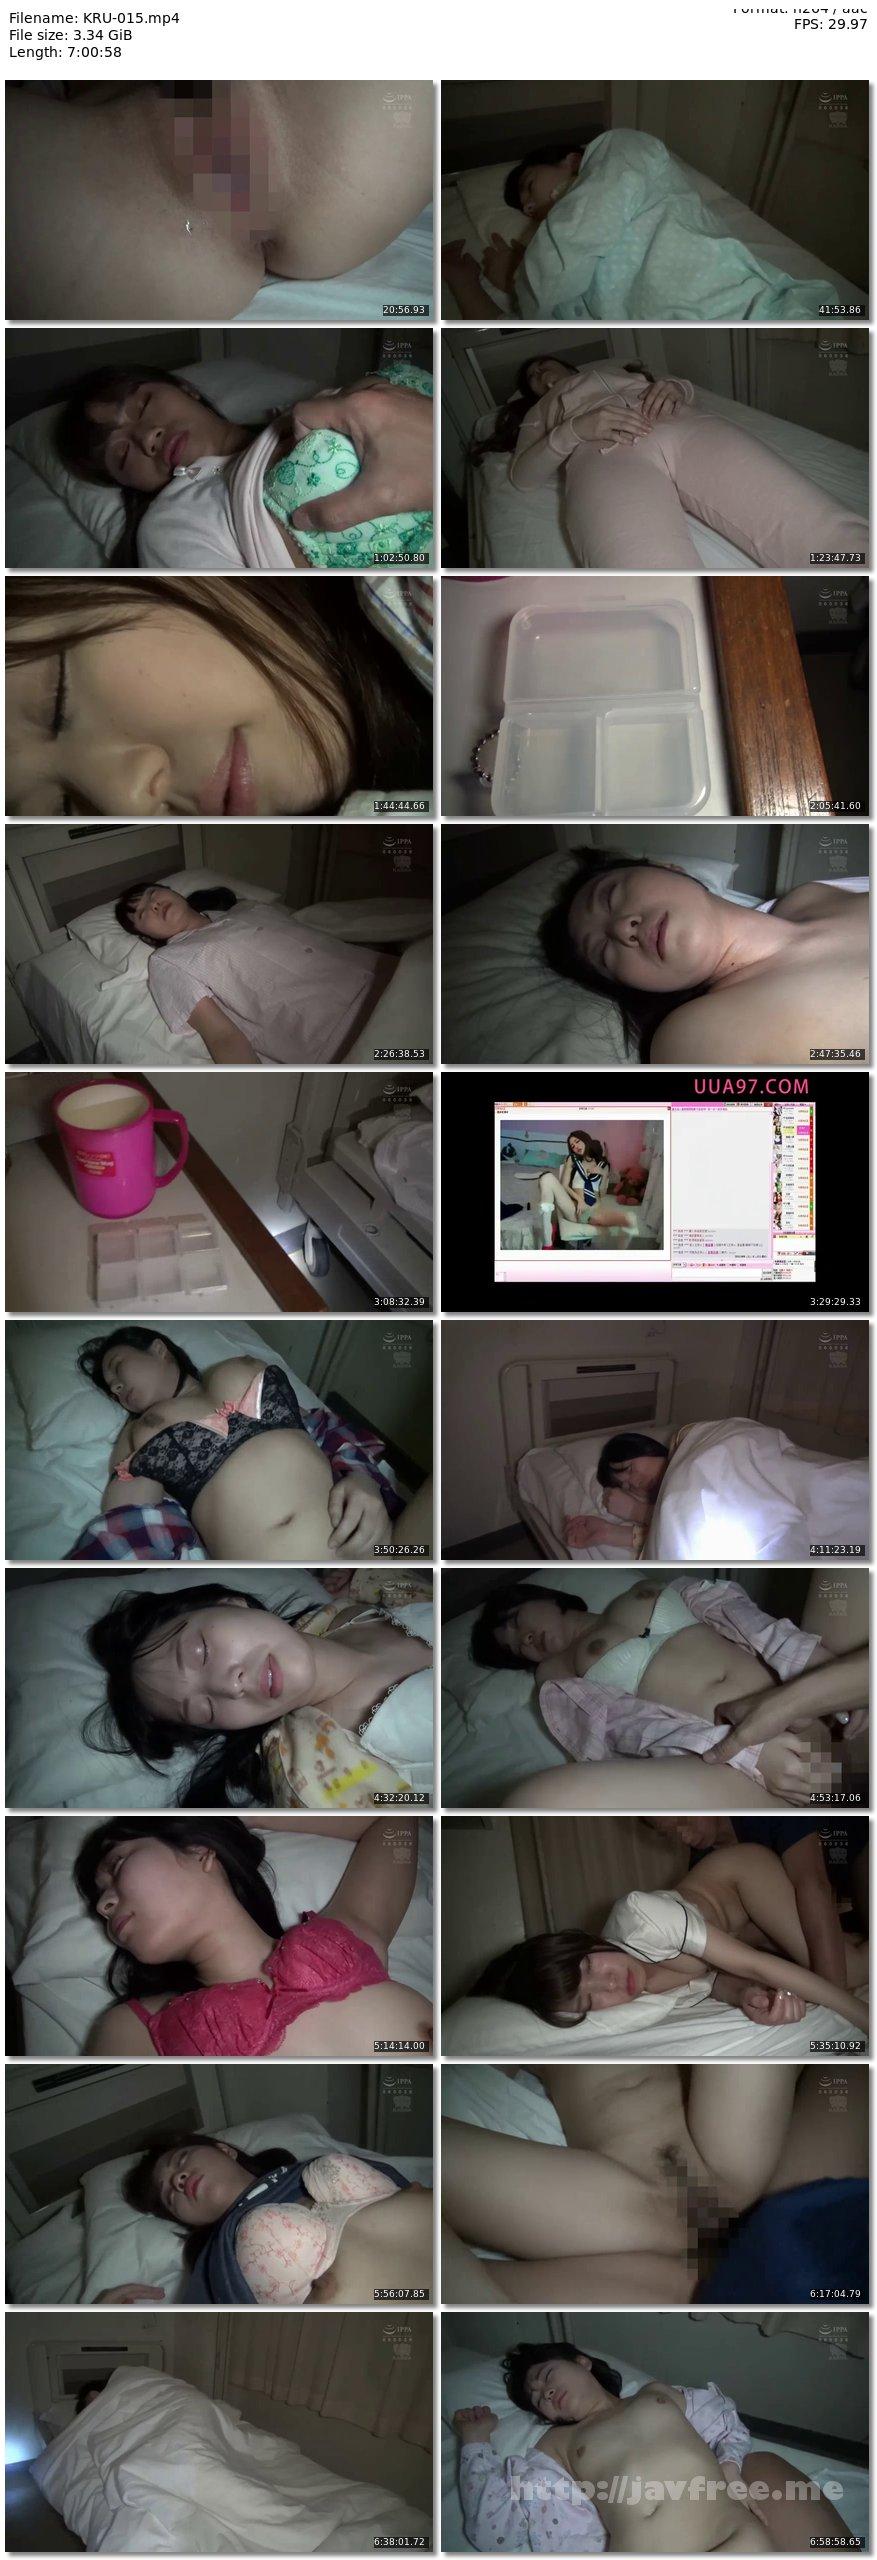 [HD][SOE-968] 寝取られた人妻女教師 吉沢明歩 - image KRU-015 on https://javfree.me